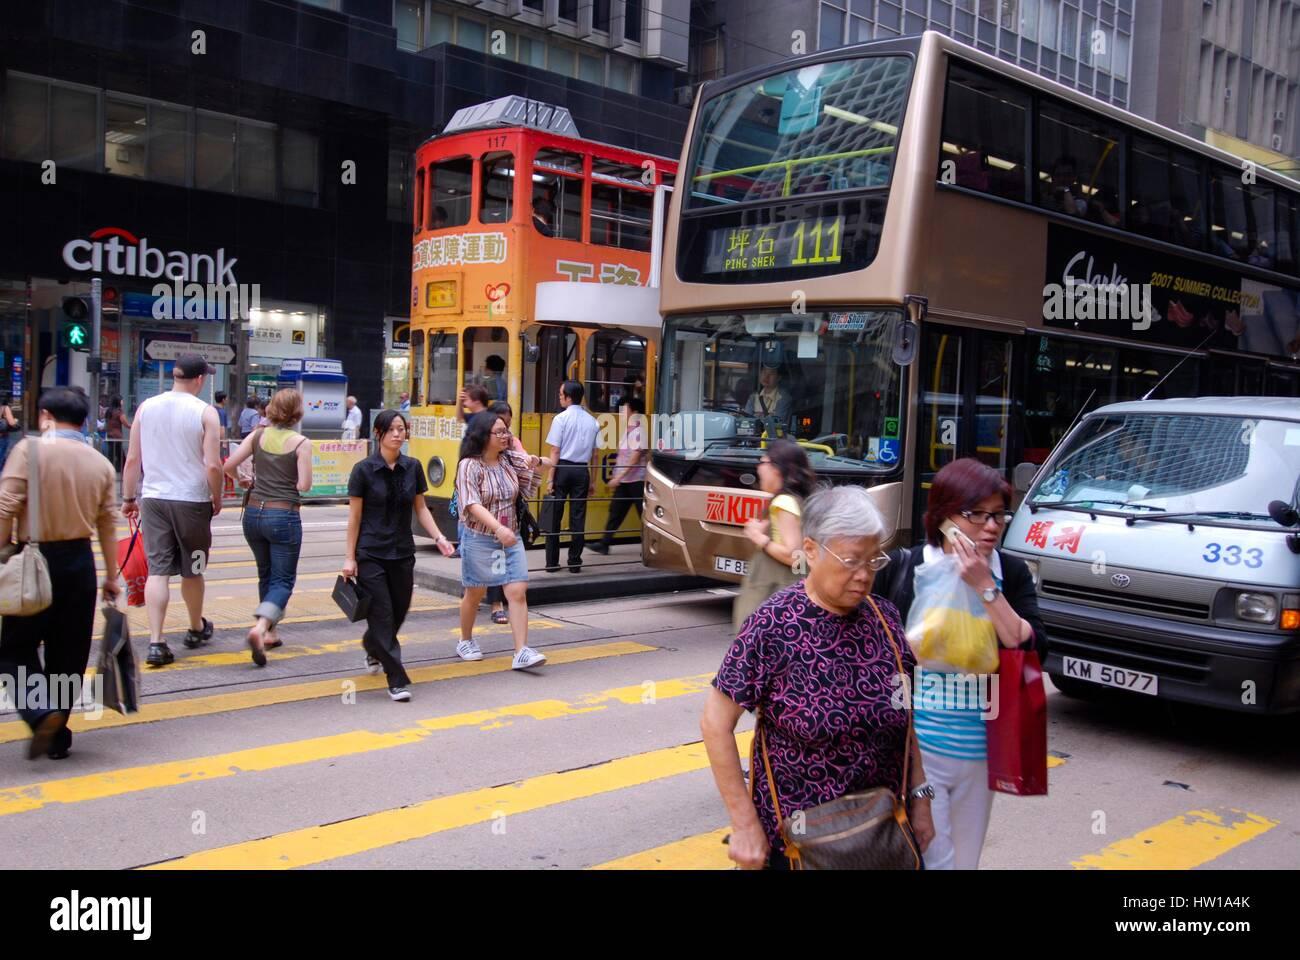 China - Hong Kong Iceland - Central, China - Hong Kong Island - Central Stock Photo